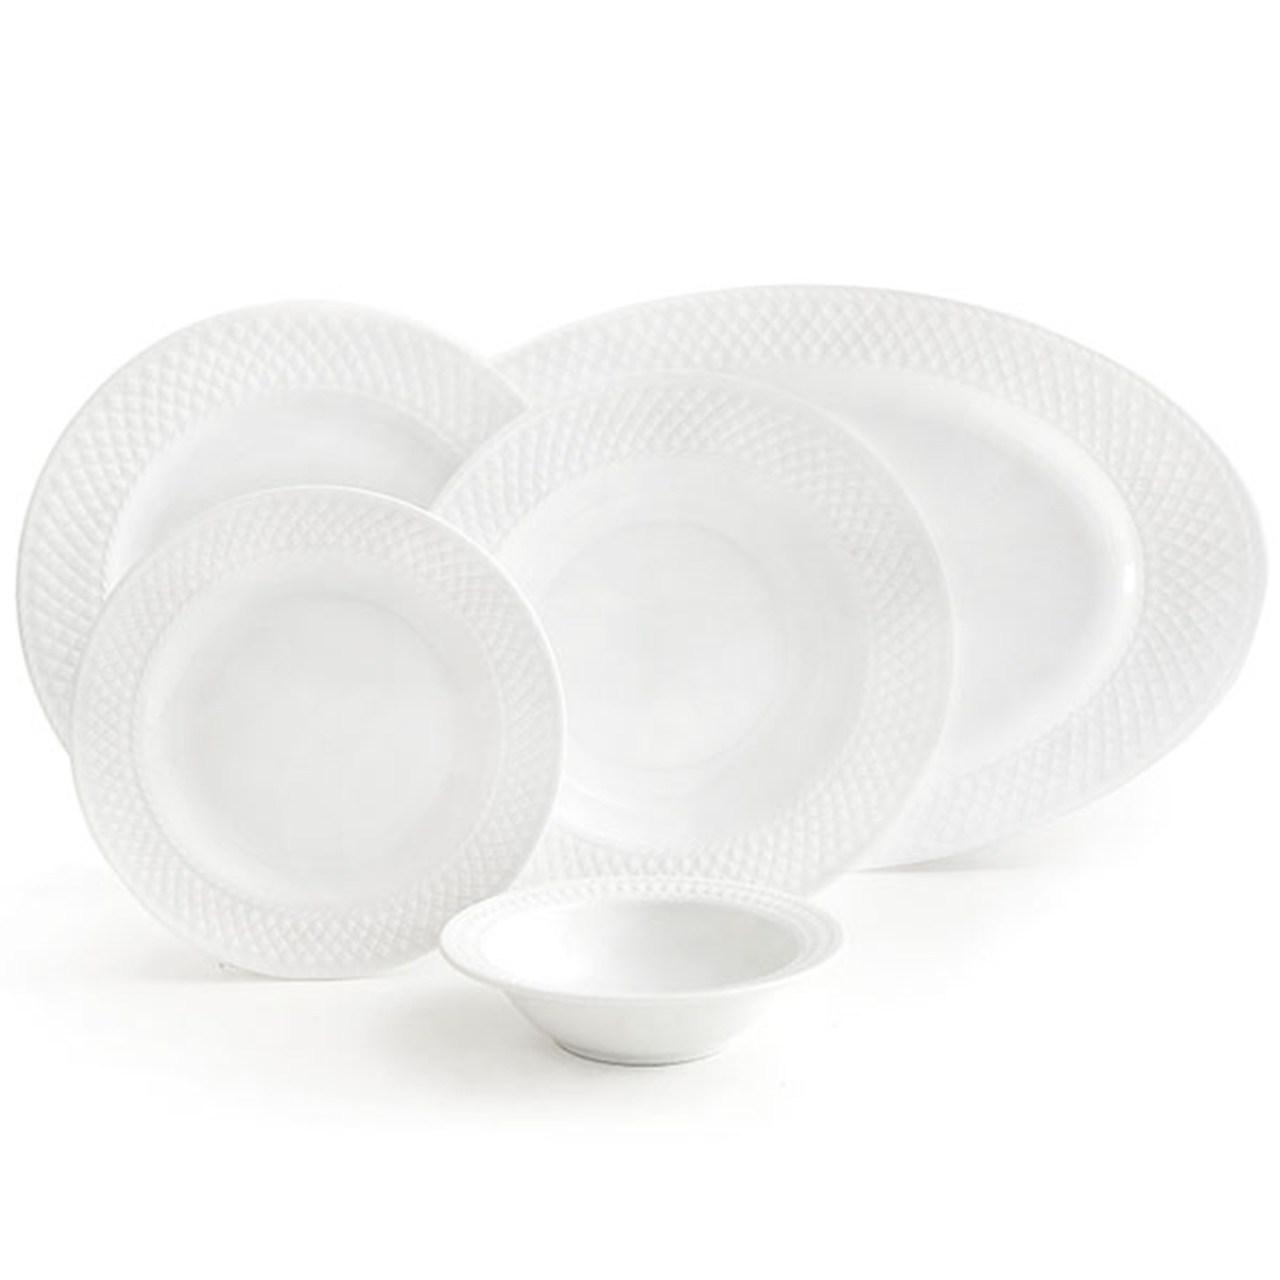 عکس سرویس غذاخوری 28 پارچه چینی زرین ایران سری رادیانس مدل White 2 درجه عالی